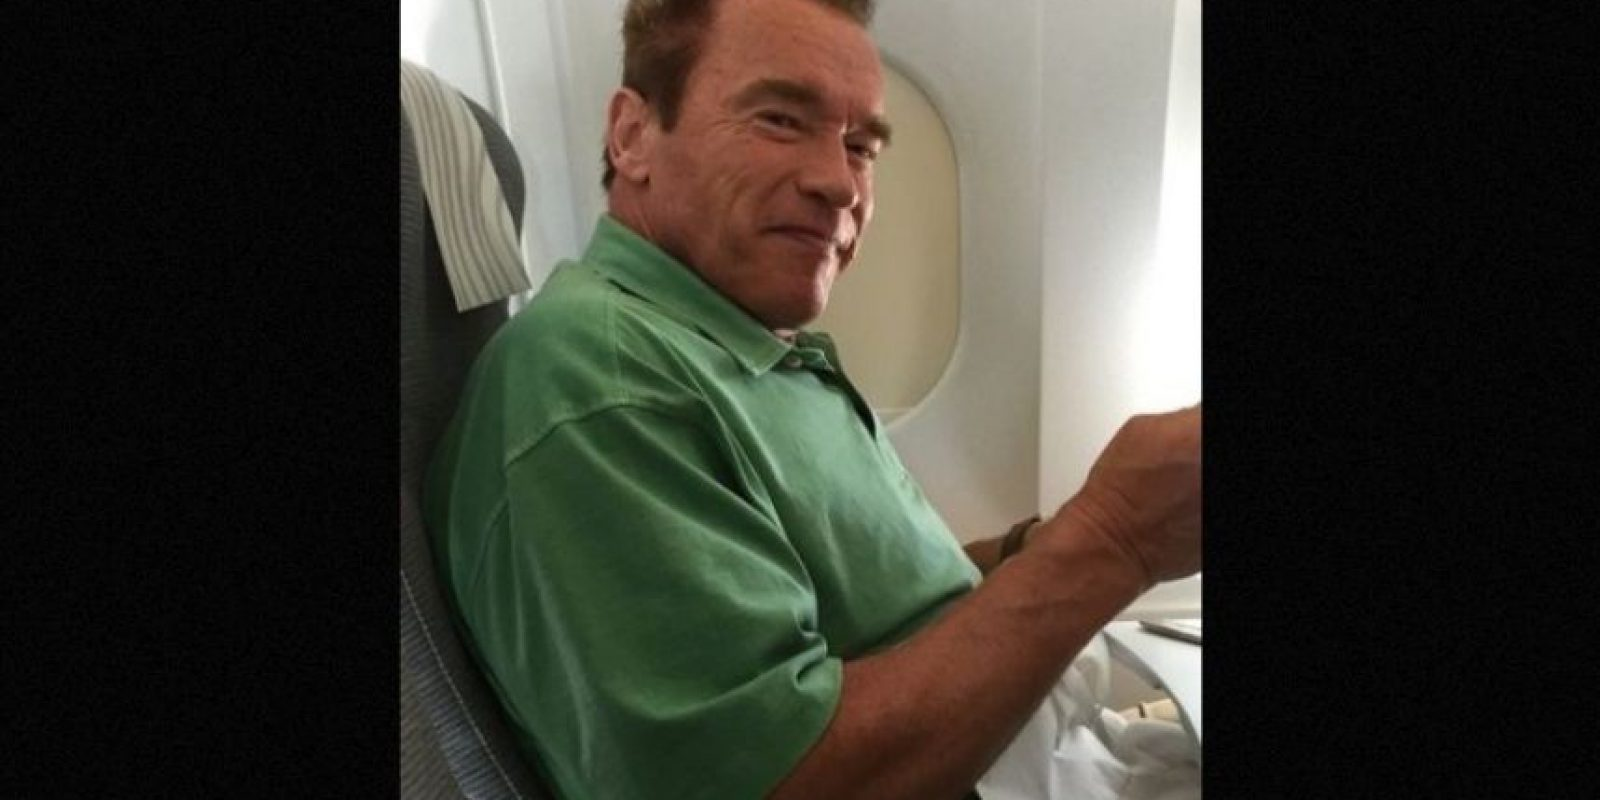 El actor Arnold Schwarzenegger, quien es uno de los mejores amigos de Joe Maganiello. Foto: Instagram/schwarzenegger